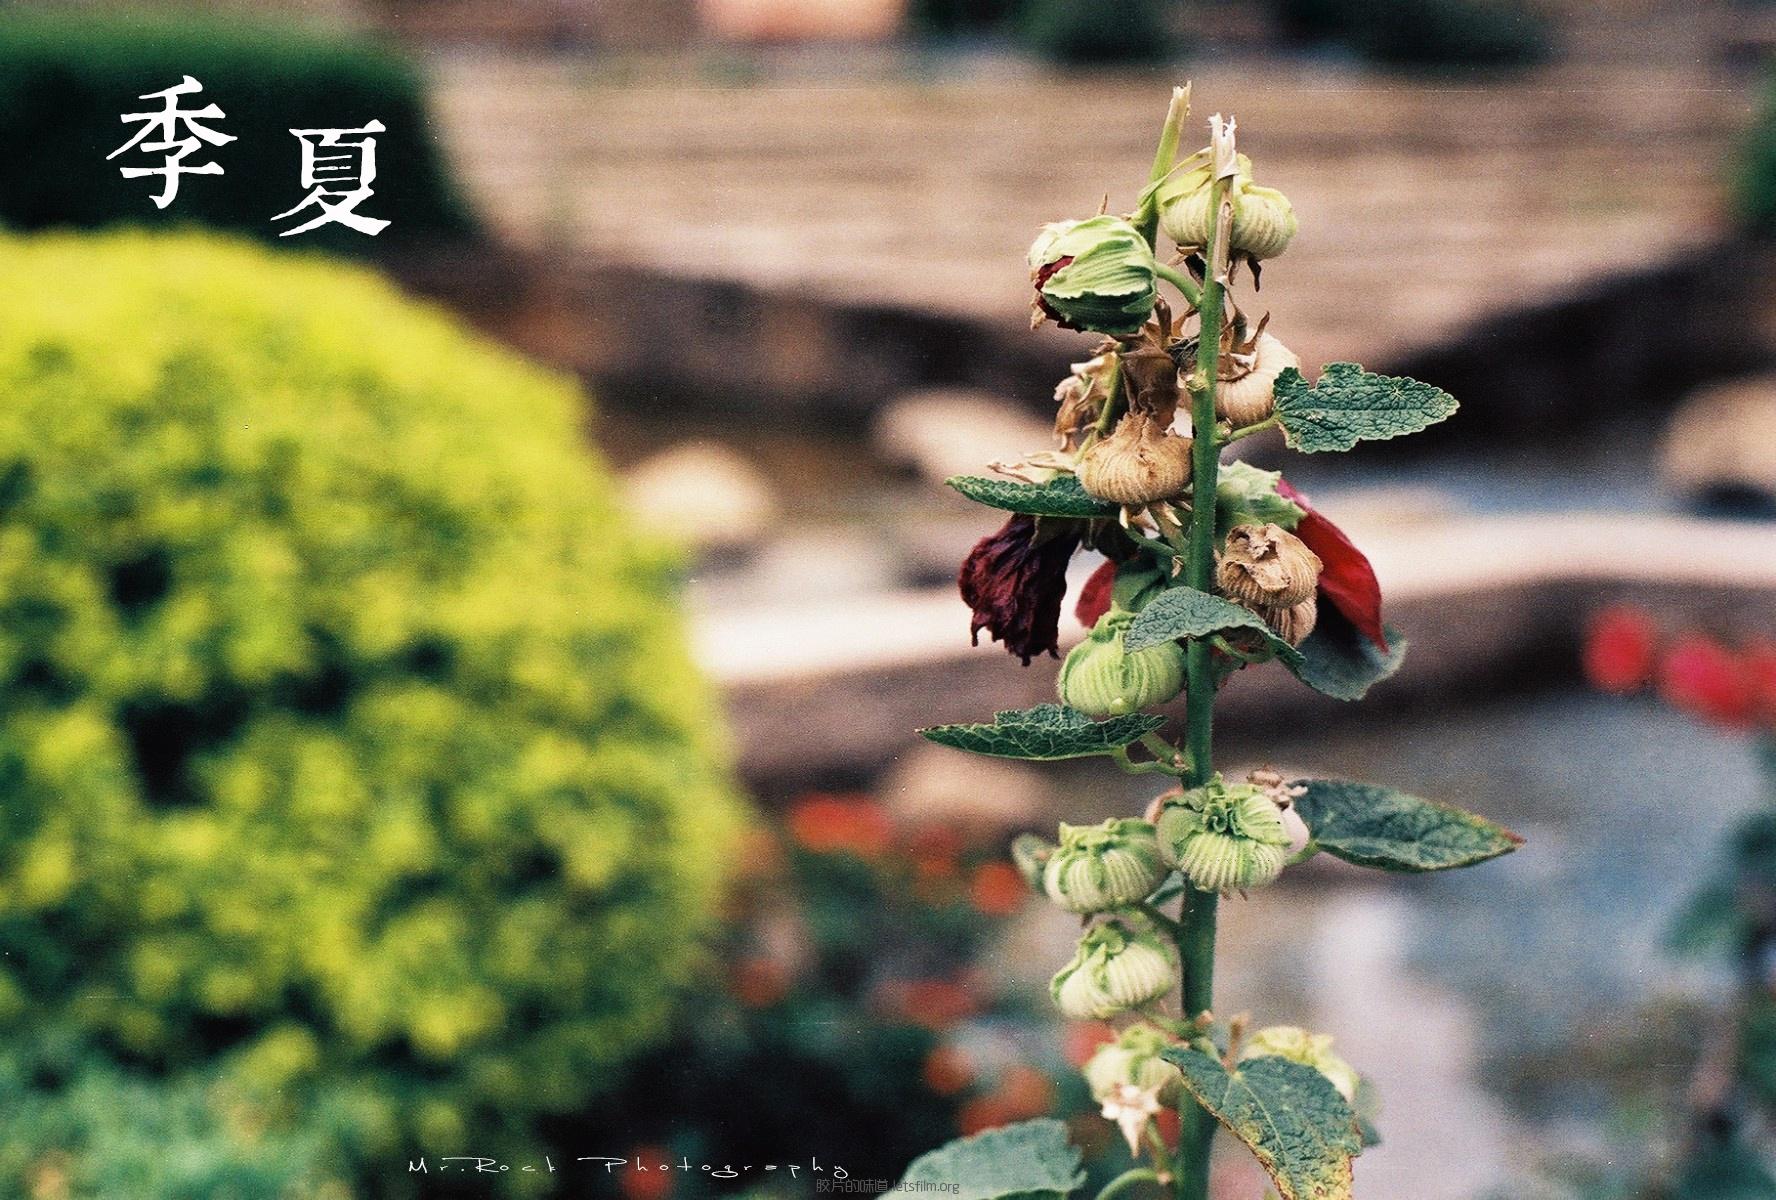 菲林日记·六月季夏 (6)